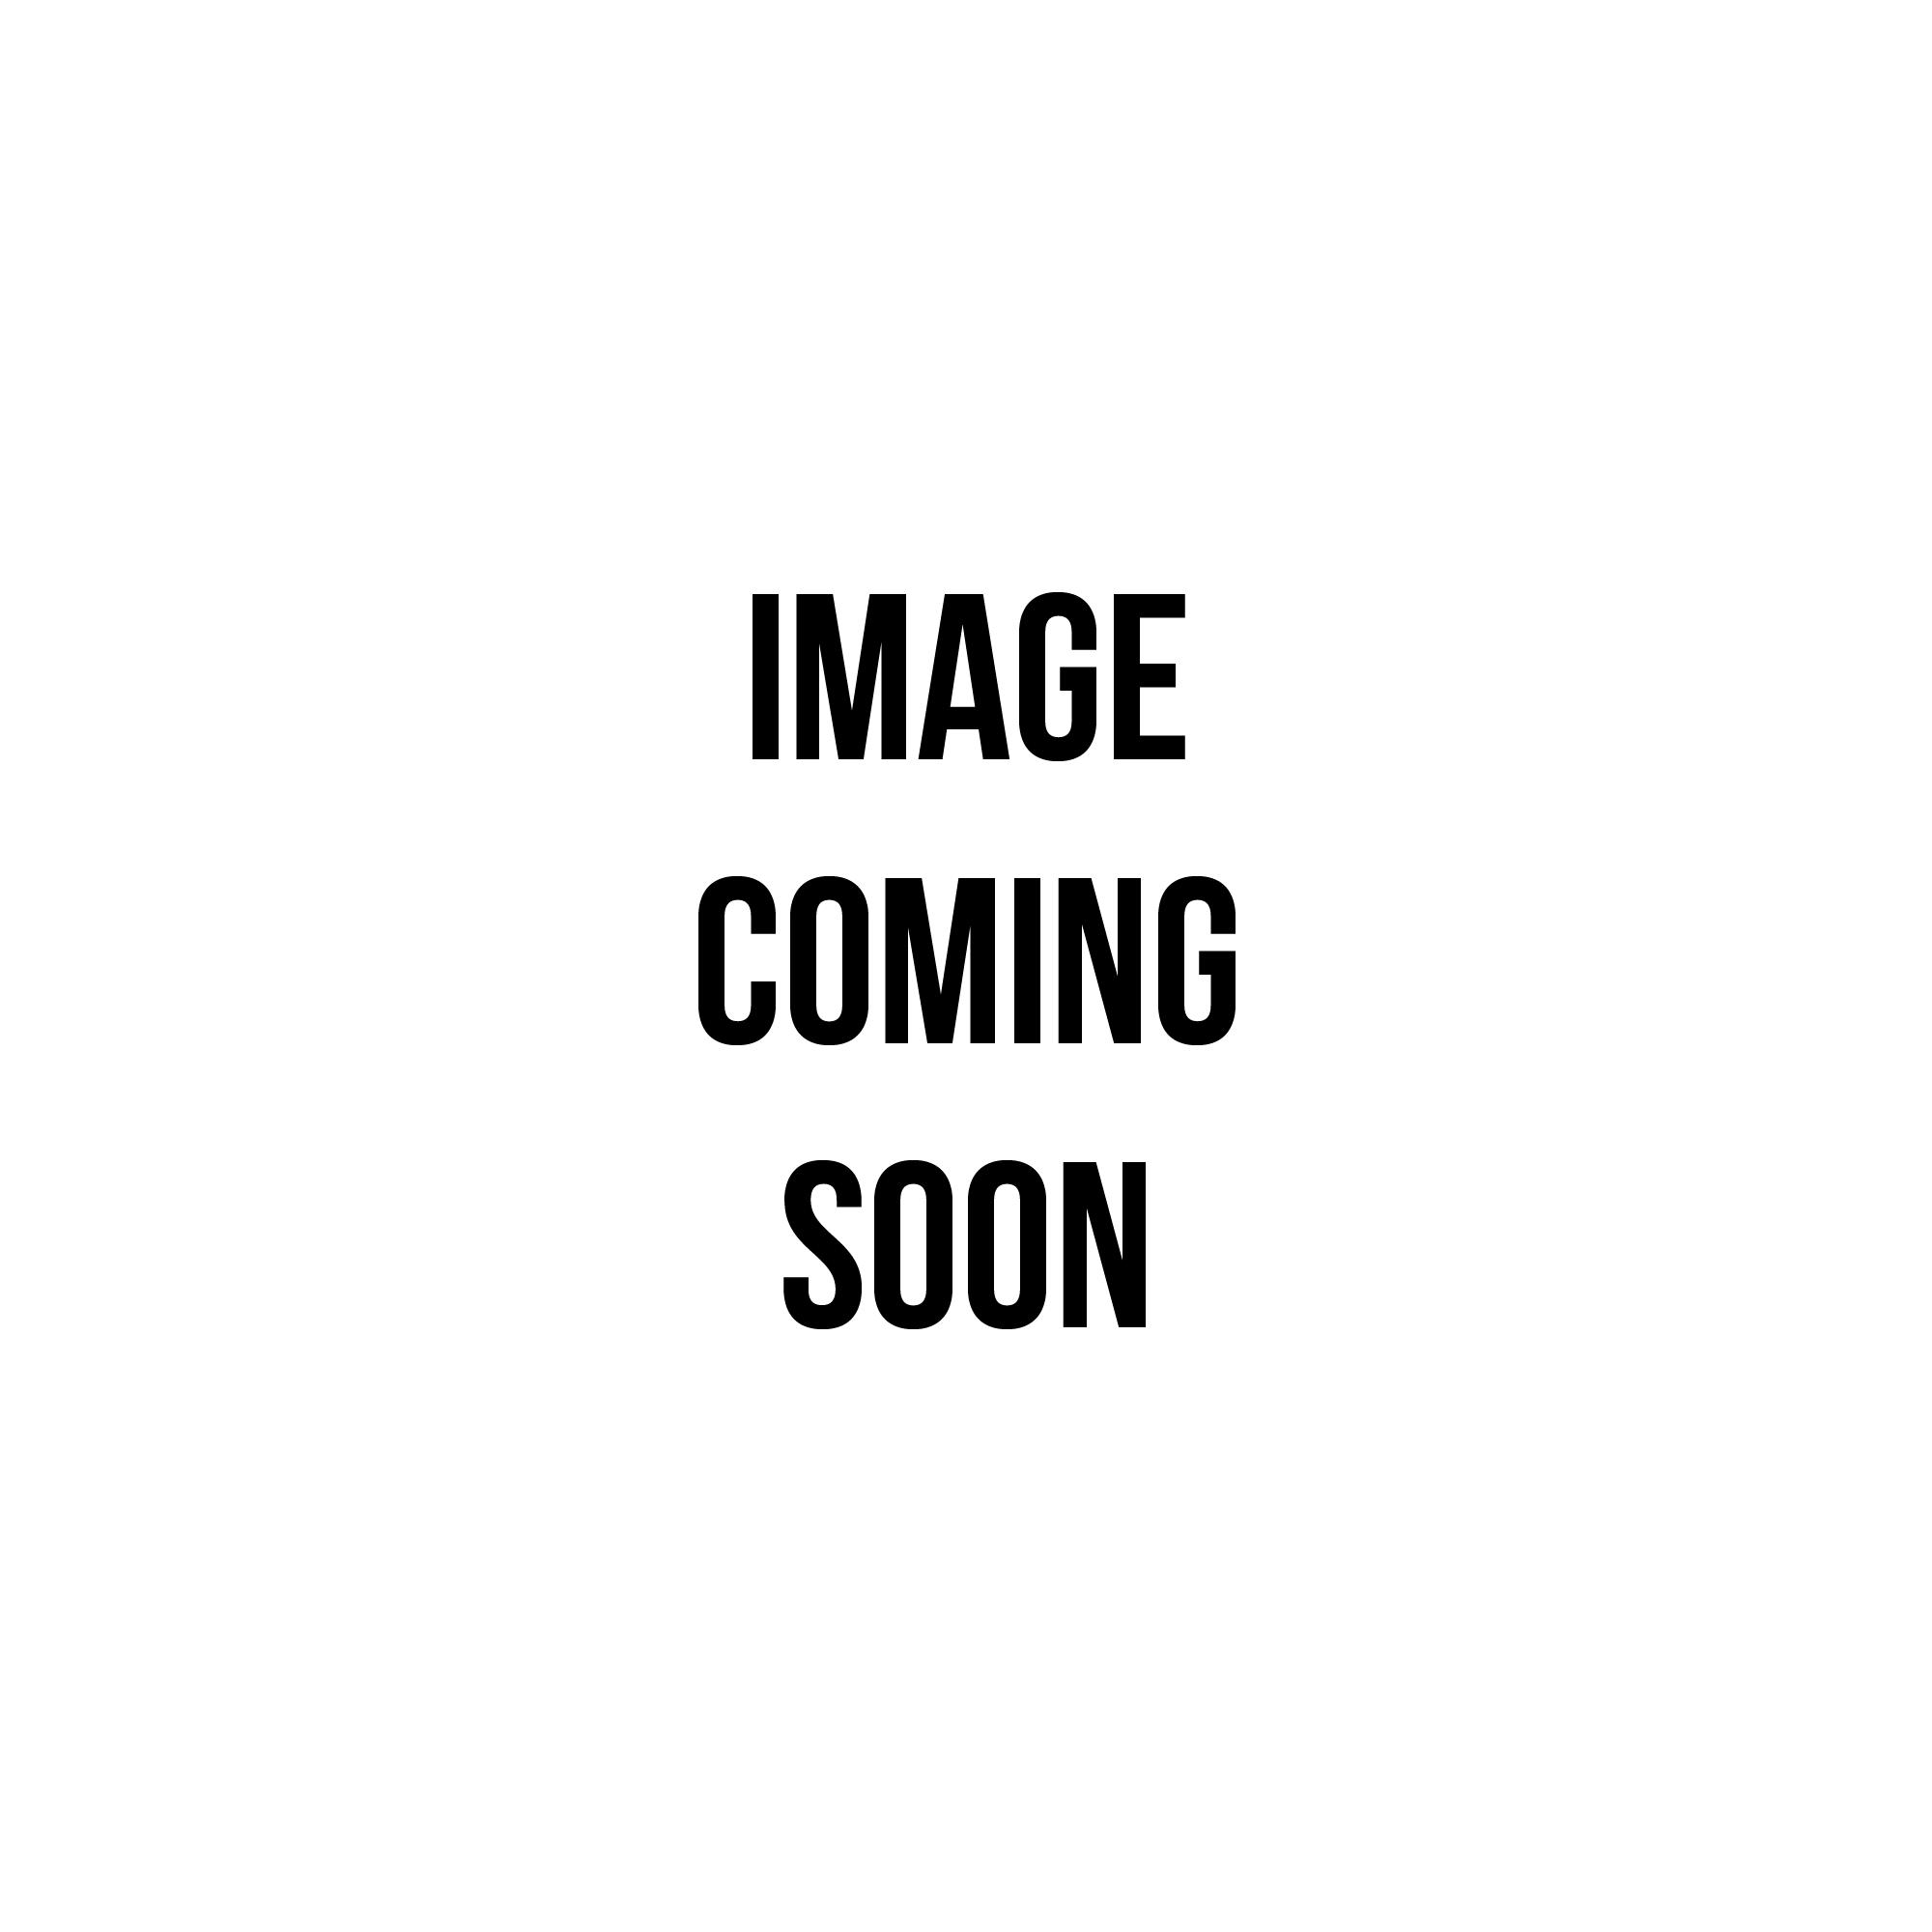 vente best-seller Nike Air Max 90 Gris / Blanc Noir / Loup Nike Short Élite autorisation de sortie 100% original authentique jDXqa0D